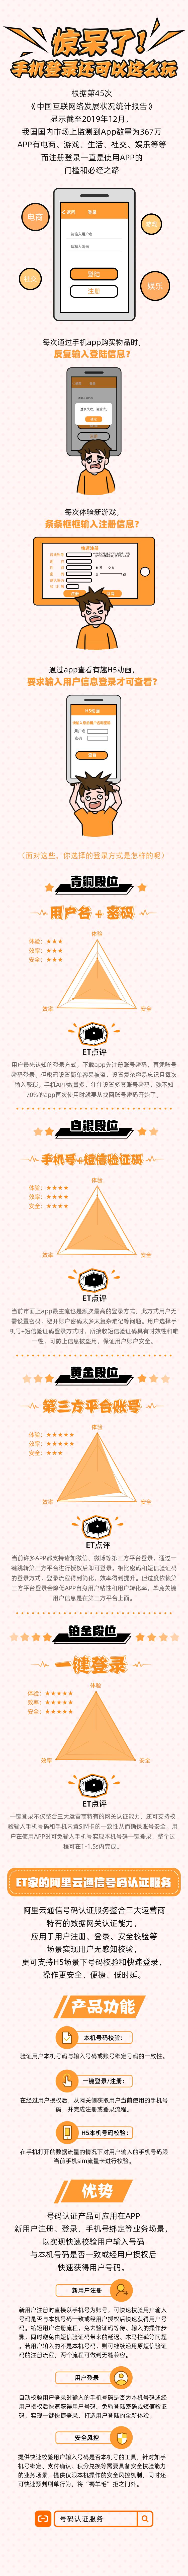 云通信漫画3-号码认证服务.png